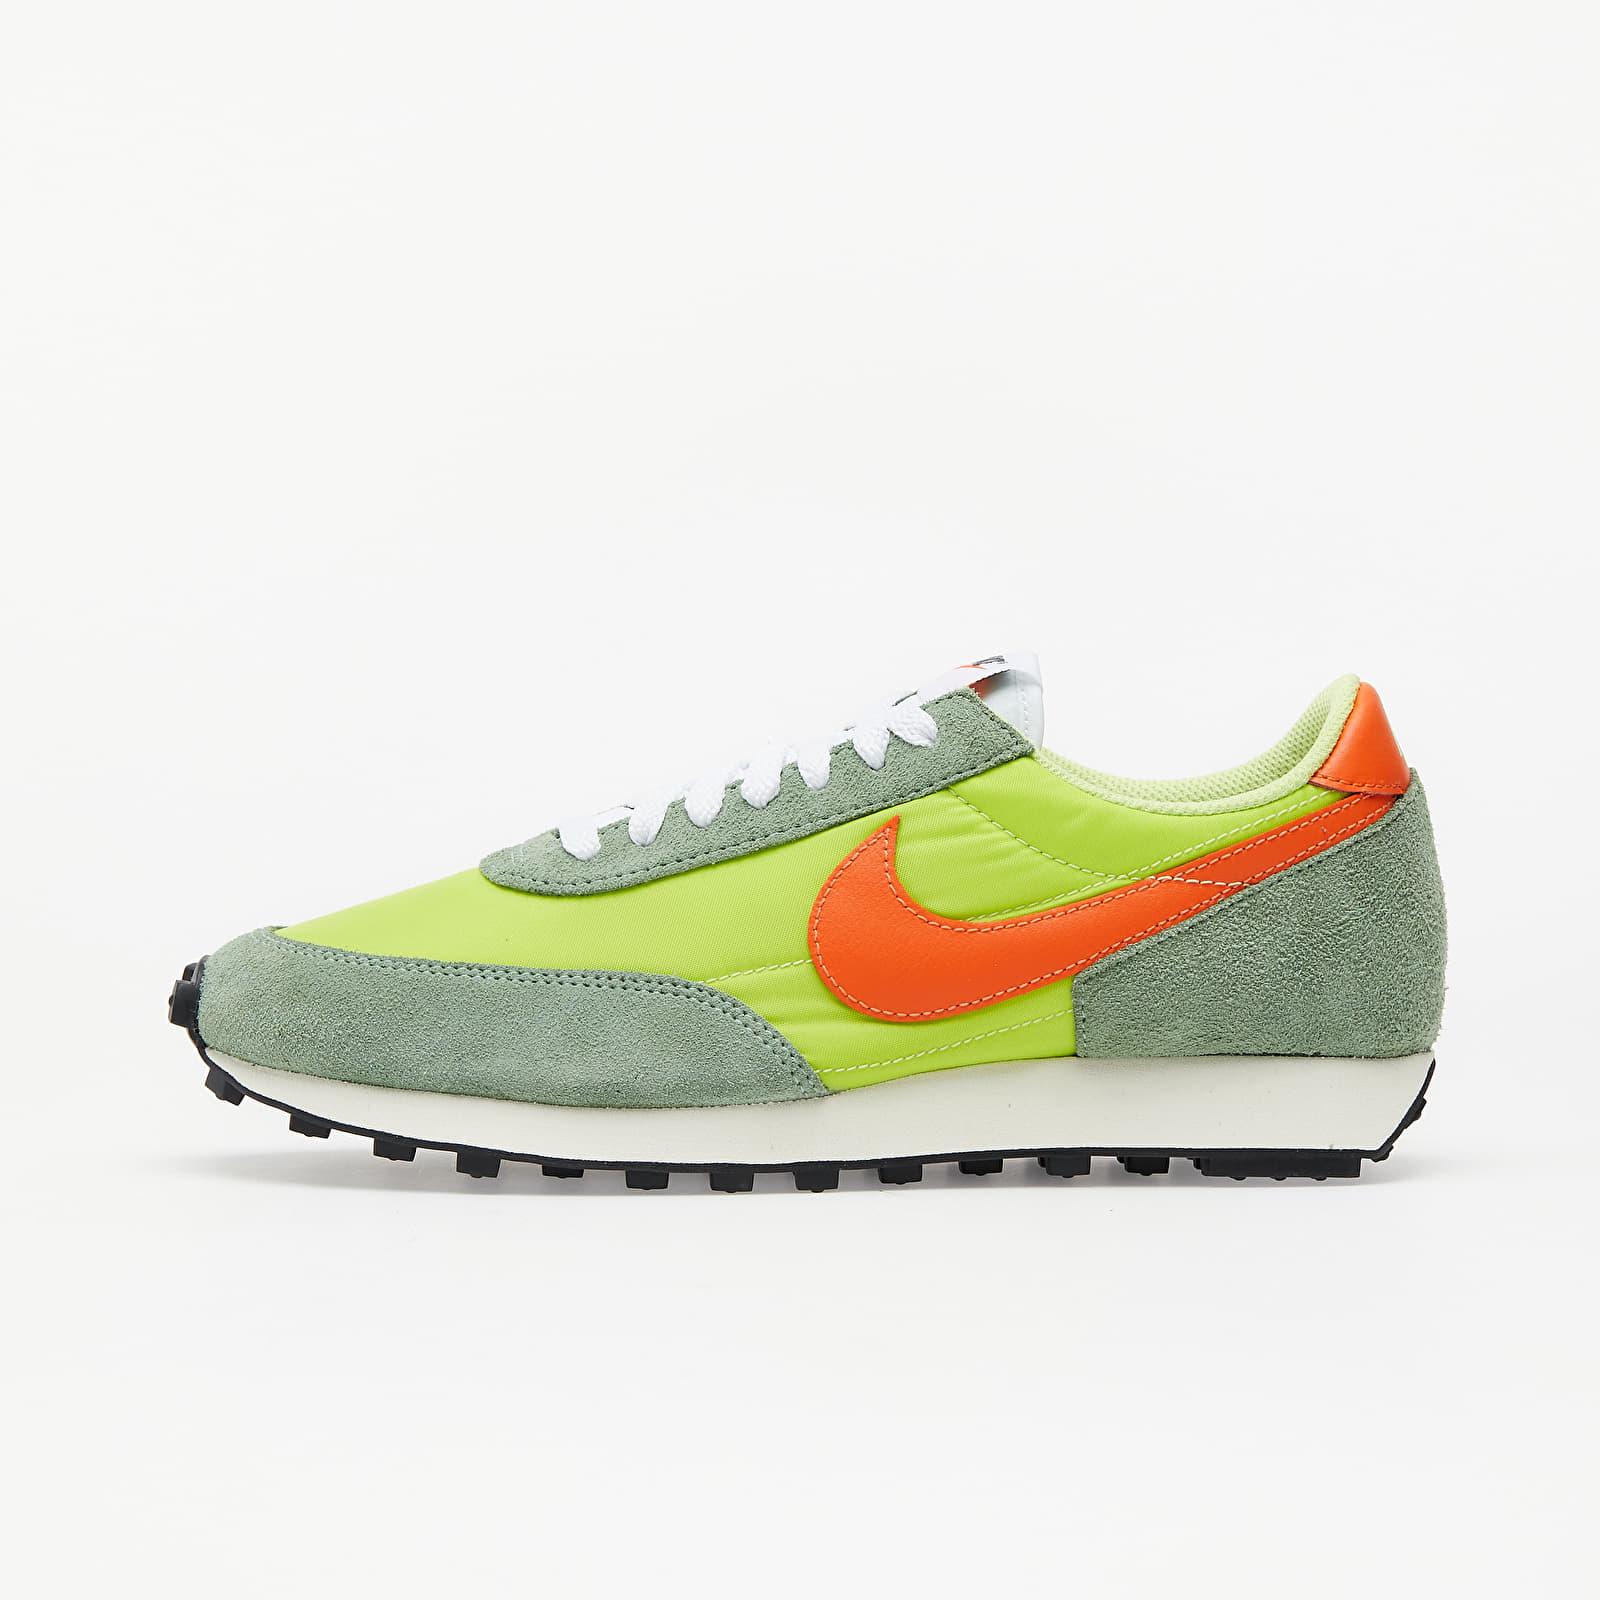 Nike Daybreak Limelight/ Electro Orange-Healing Jade DB4635-300